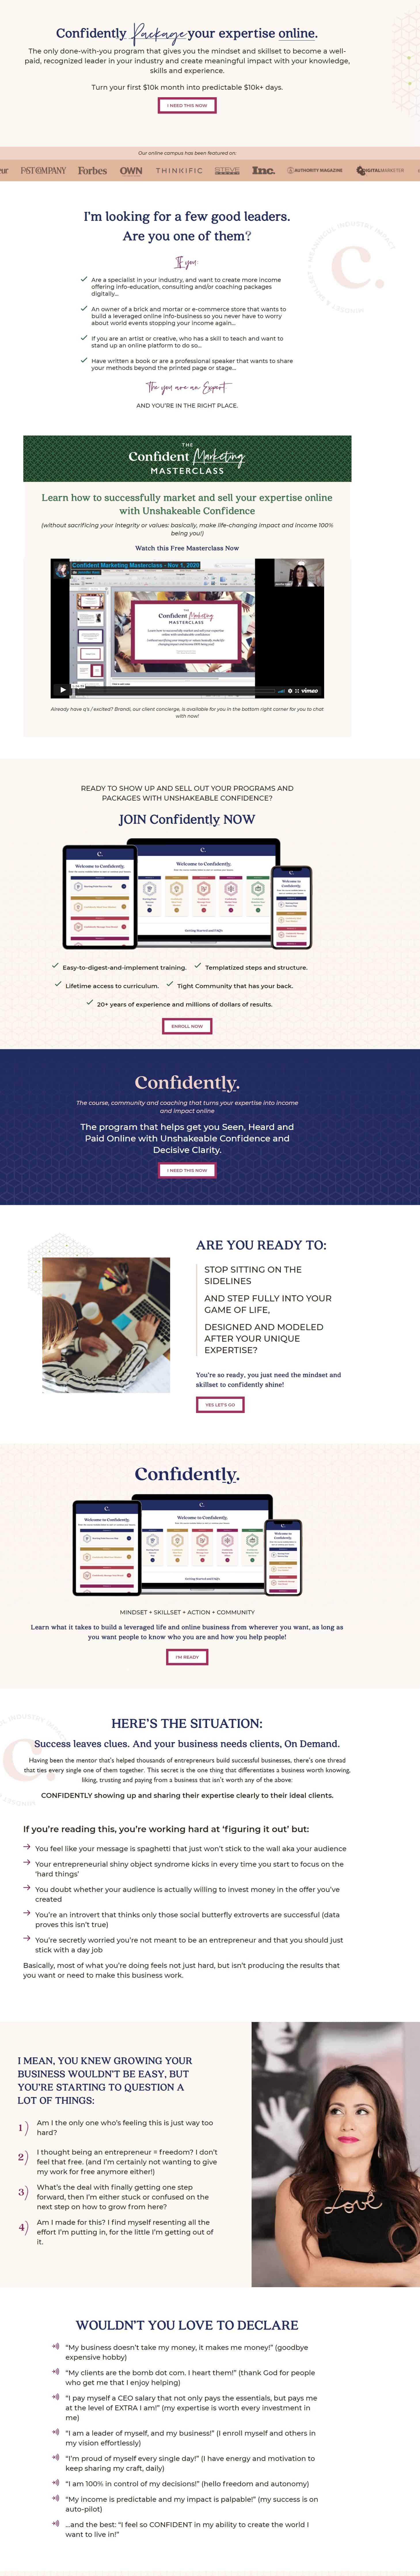 Confidently by Jennifer Kem Sales Page